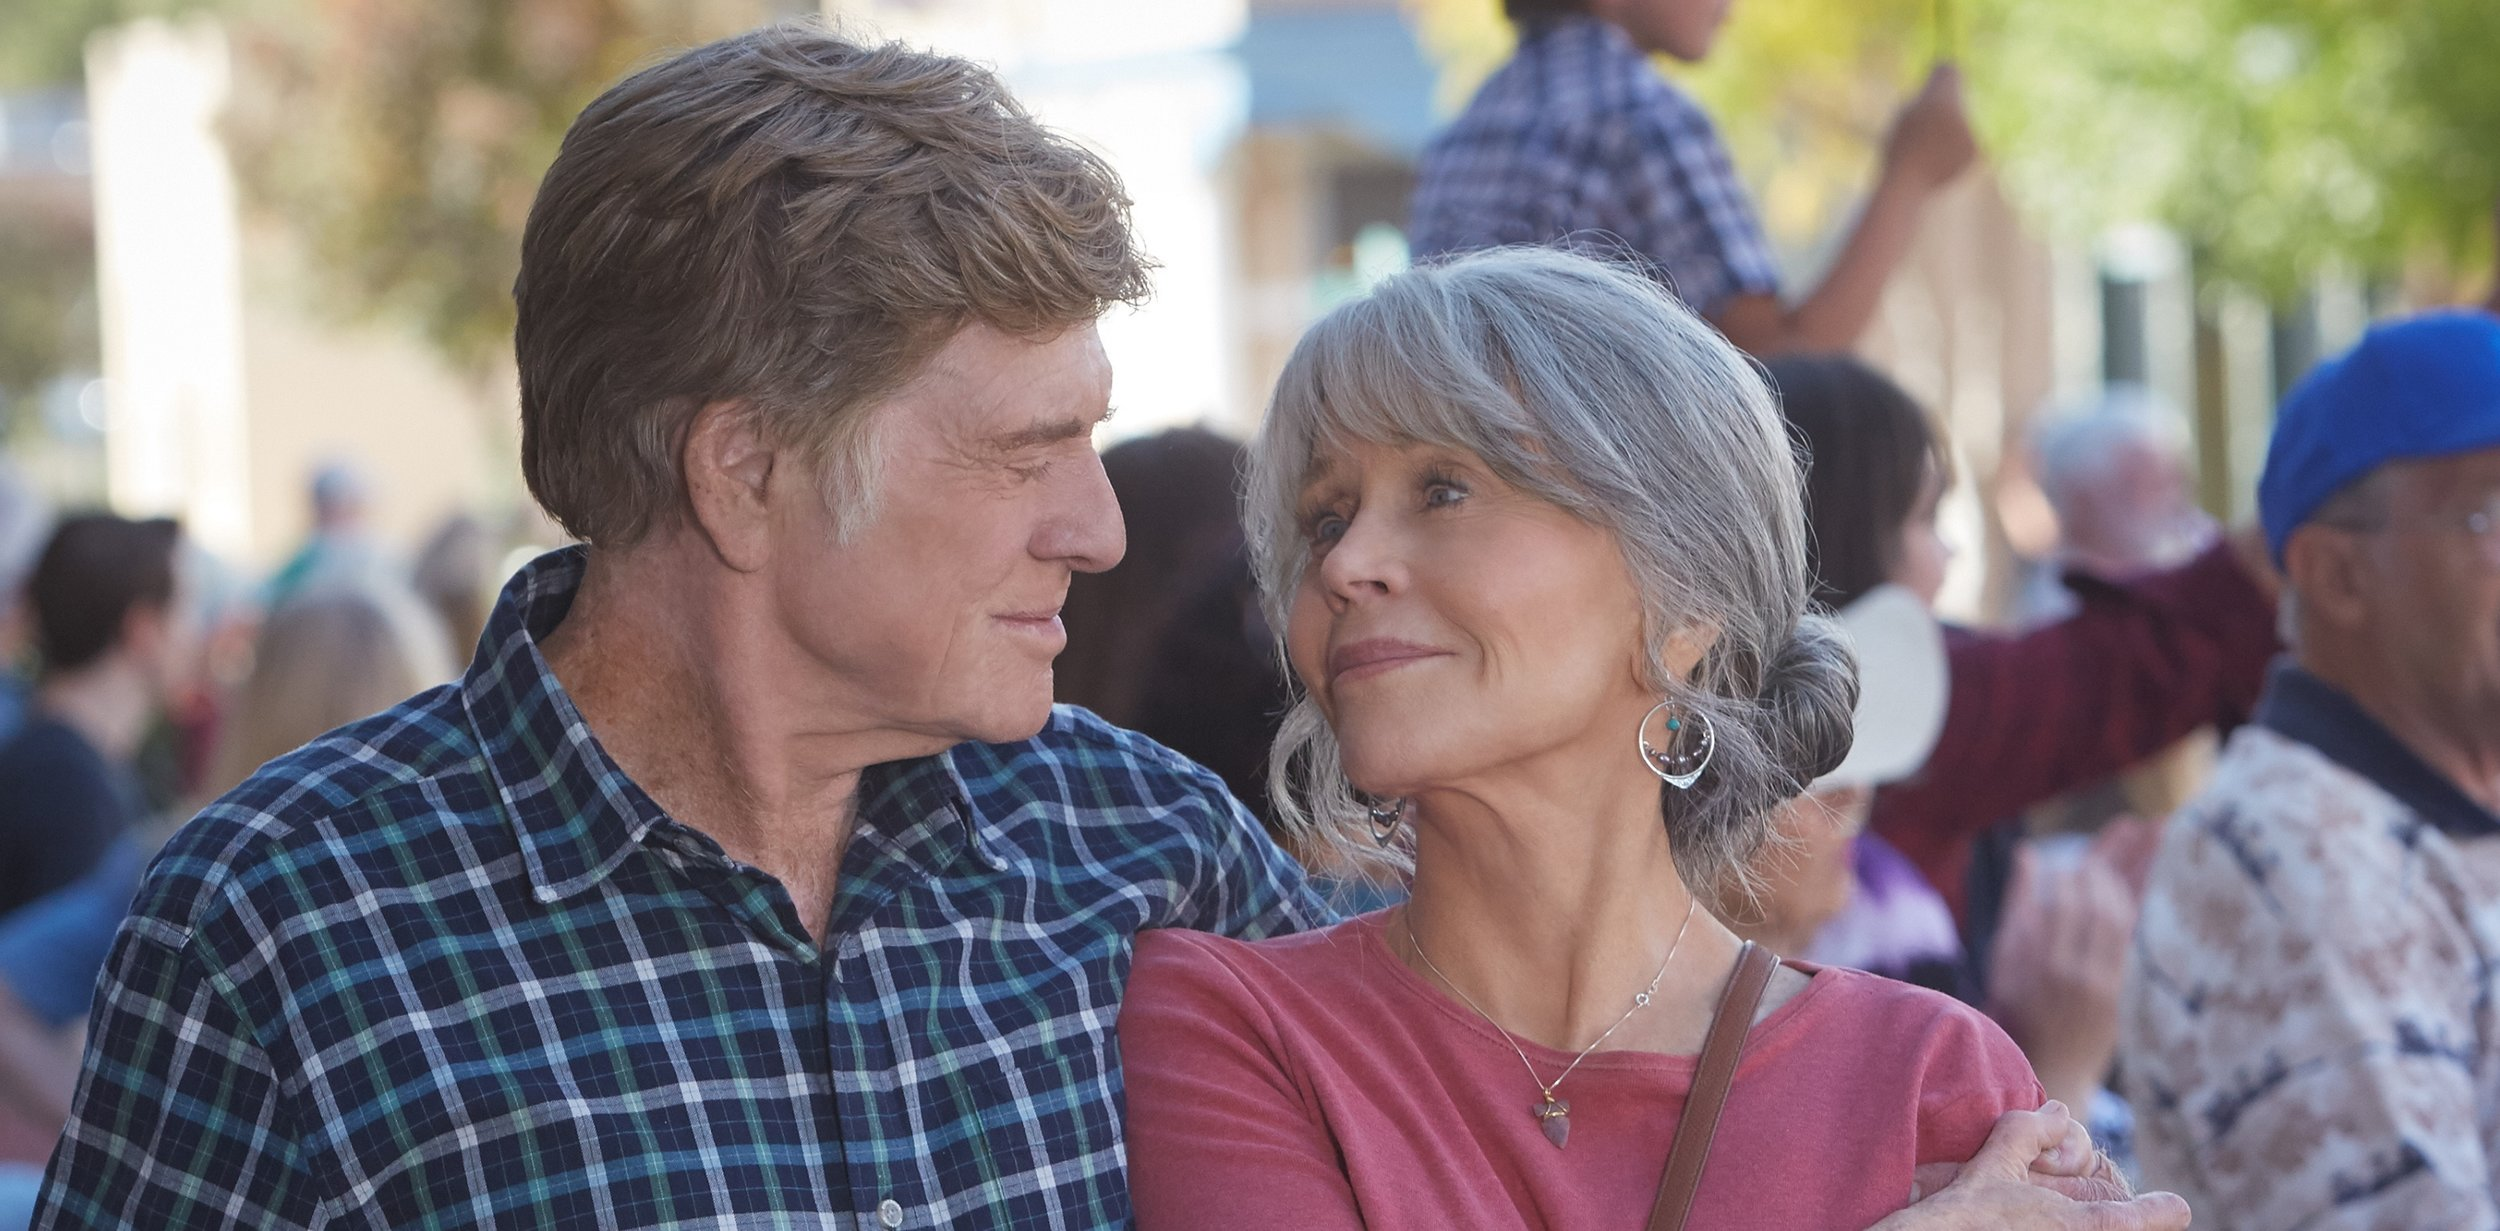 (Image: liveforfilm.com)